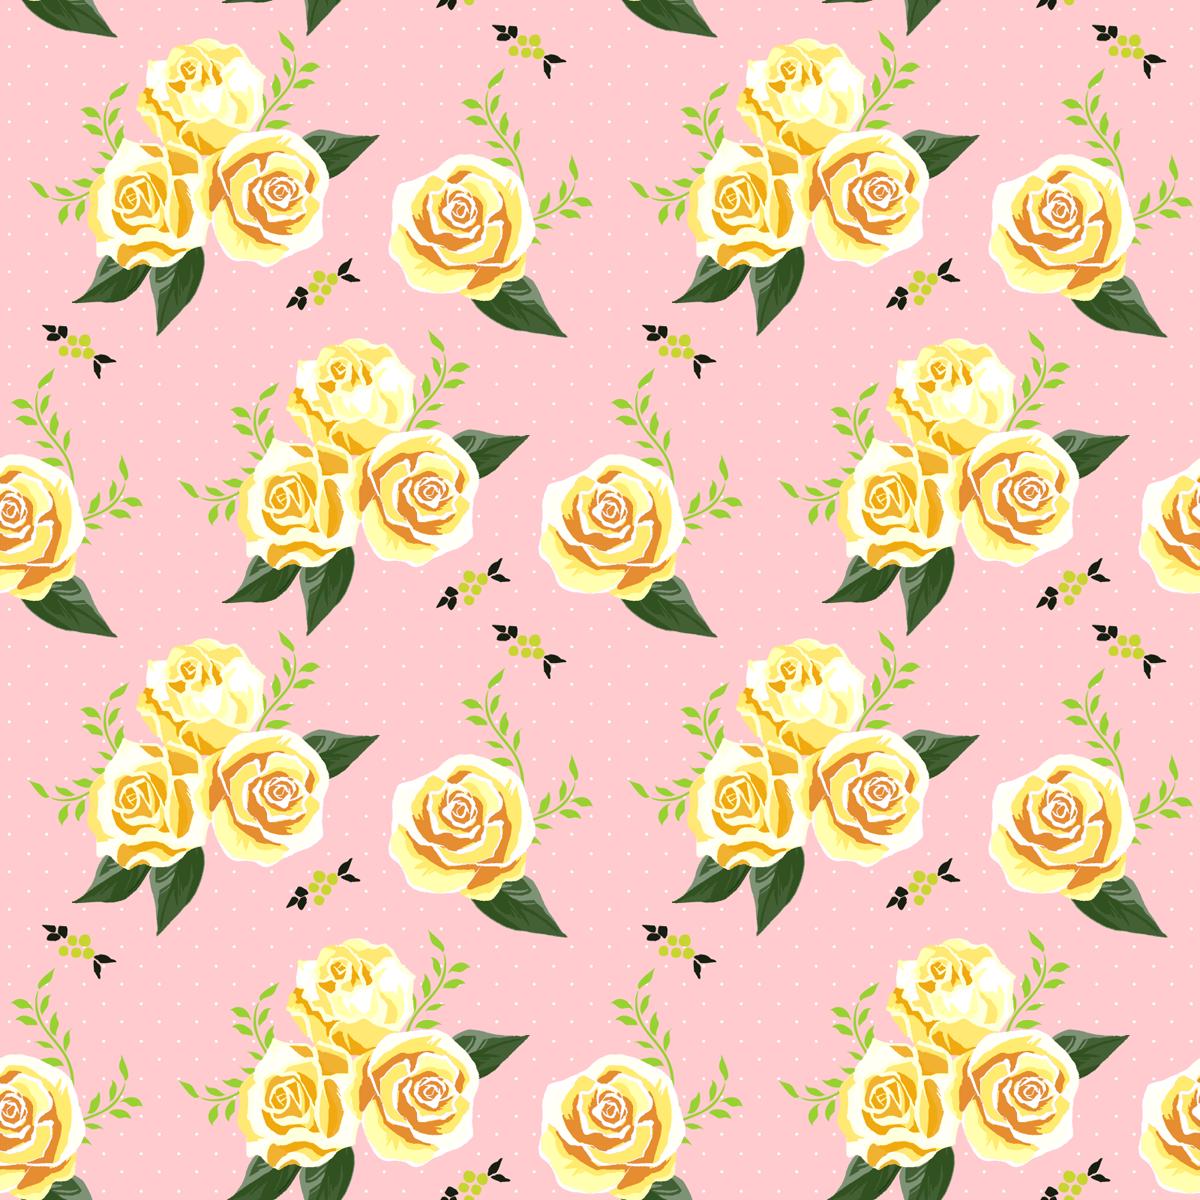 フェミニンな花柄-無料シームレス背景素材: イラストpripri